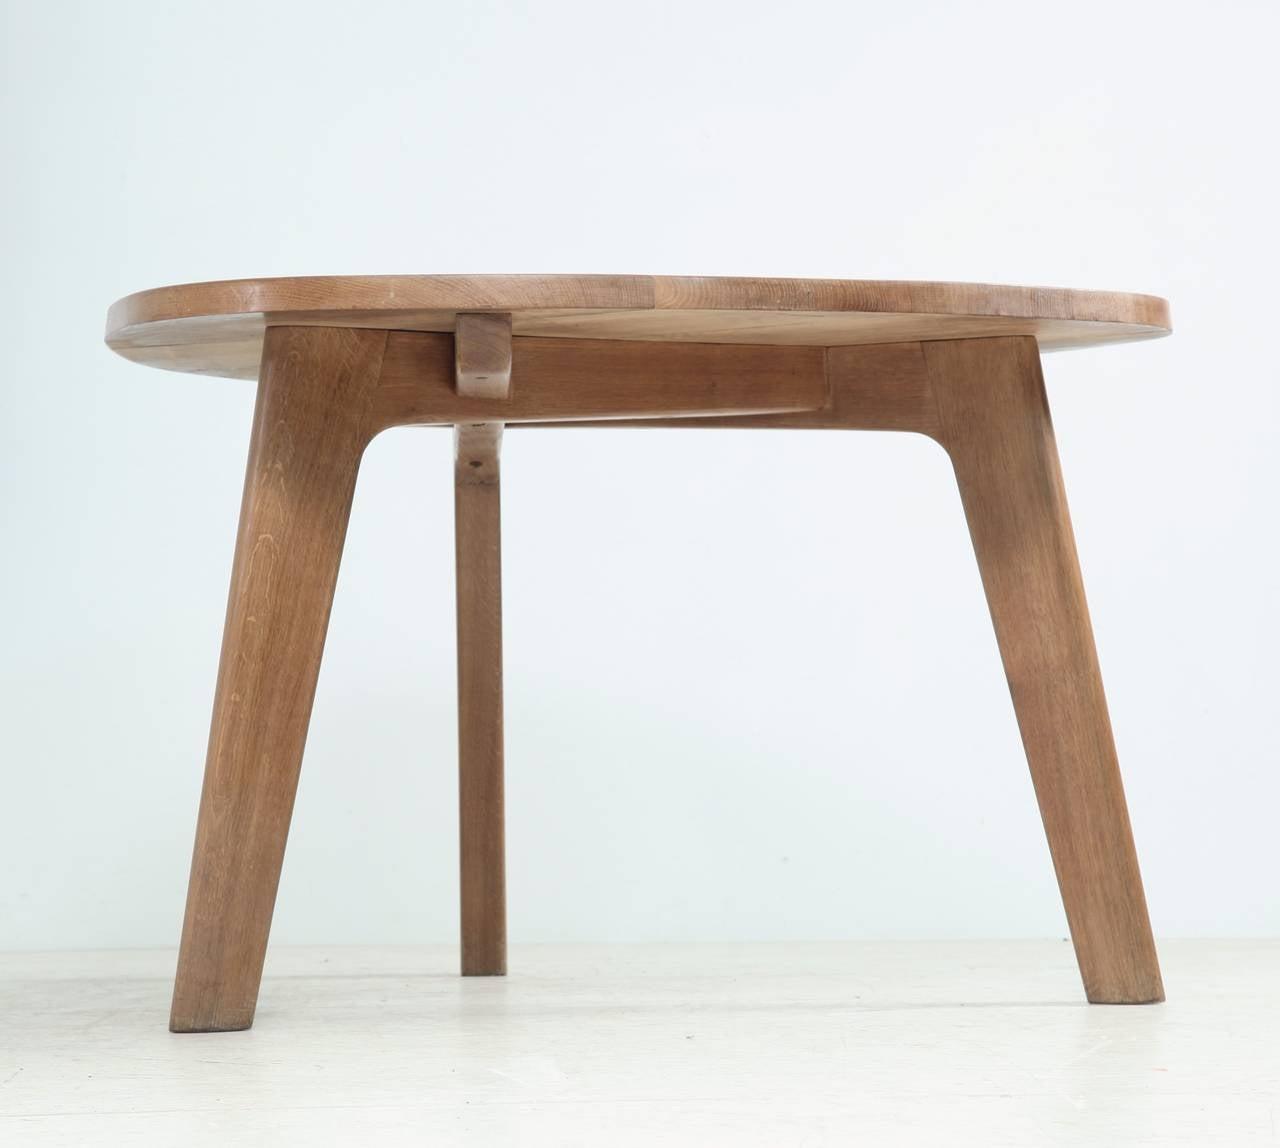 Triangular Oak Dining Table For Sale at 1stdibs : Triangletableoakfoto1l from www.1stdibs.com size 1280 x 1148 jpeg 58kB